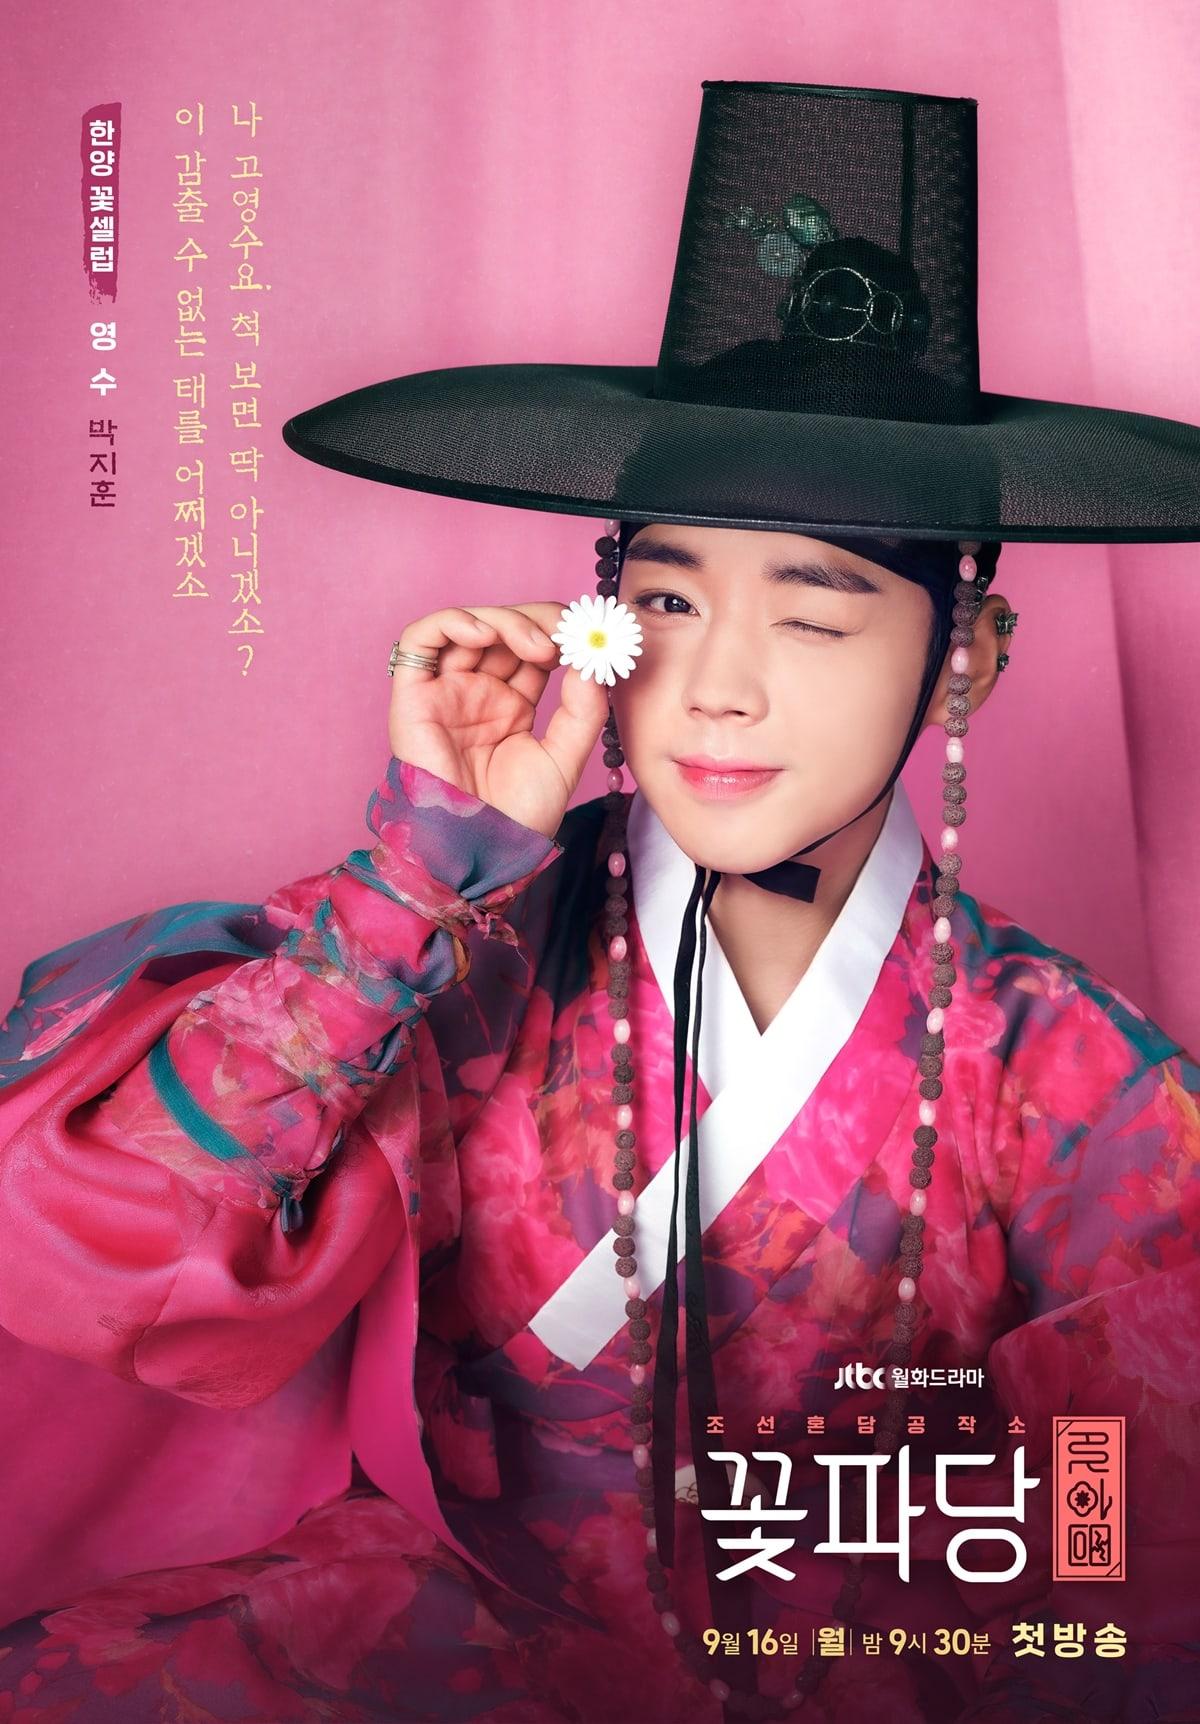 Những mỹ nam nào thắng lớn trên màn ảnh nhỏ Hàn Quốc năm 2019? 3